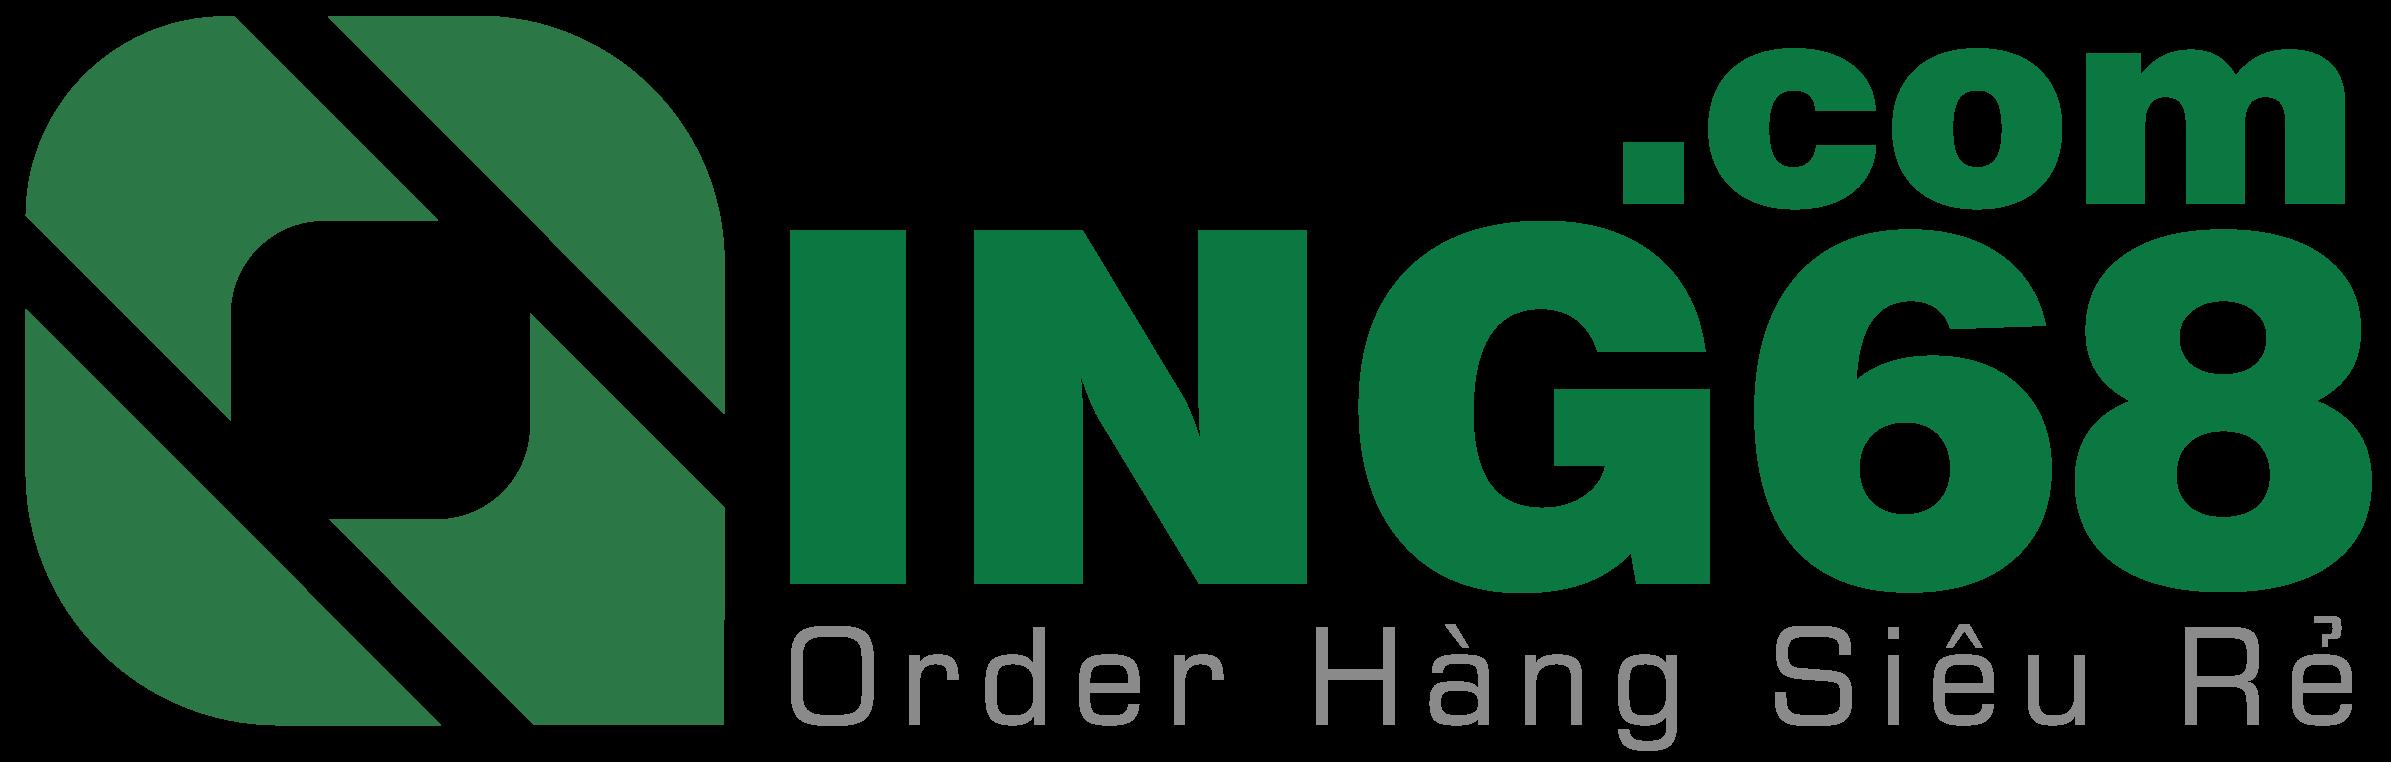 Qing68.Com – Order Hàng Siêu Rẻ